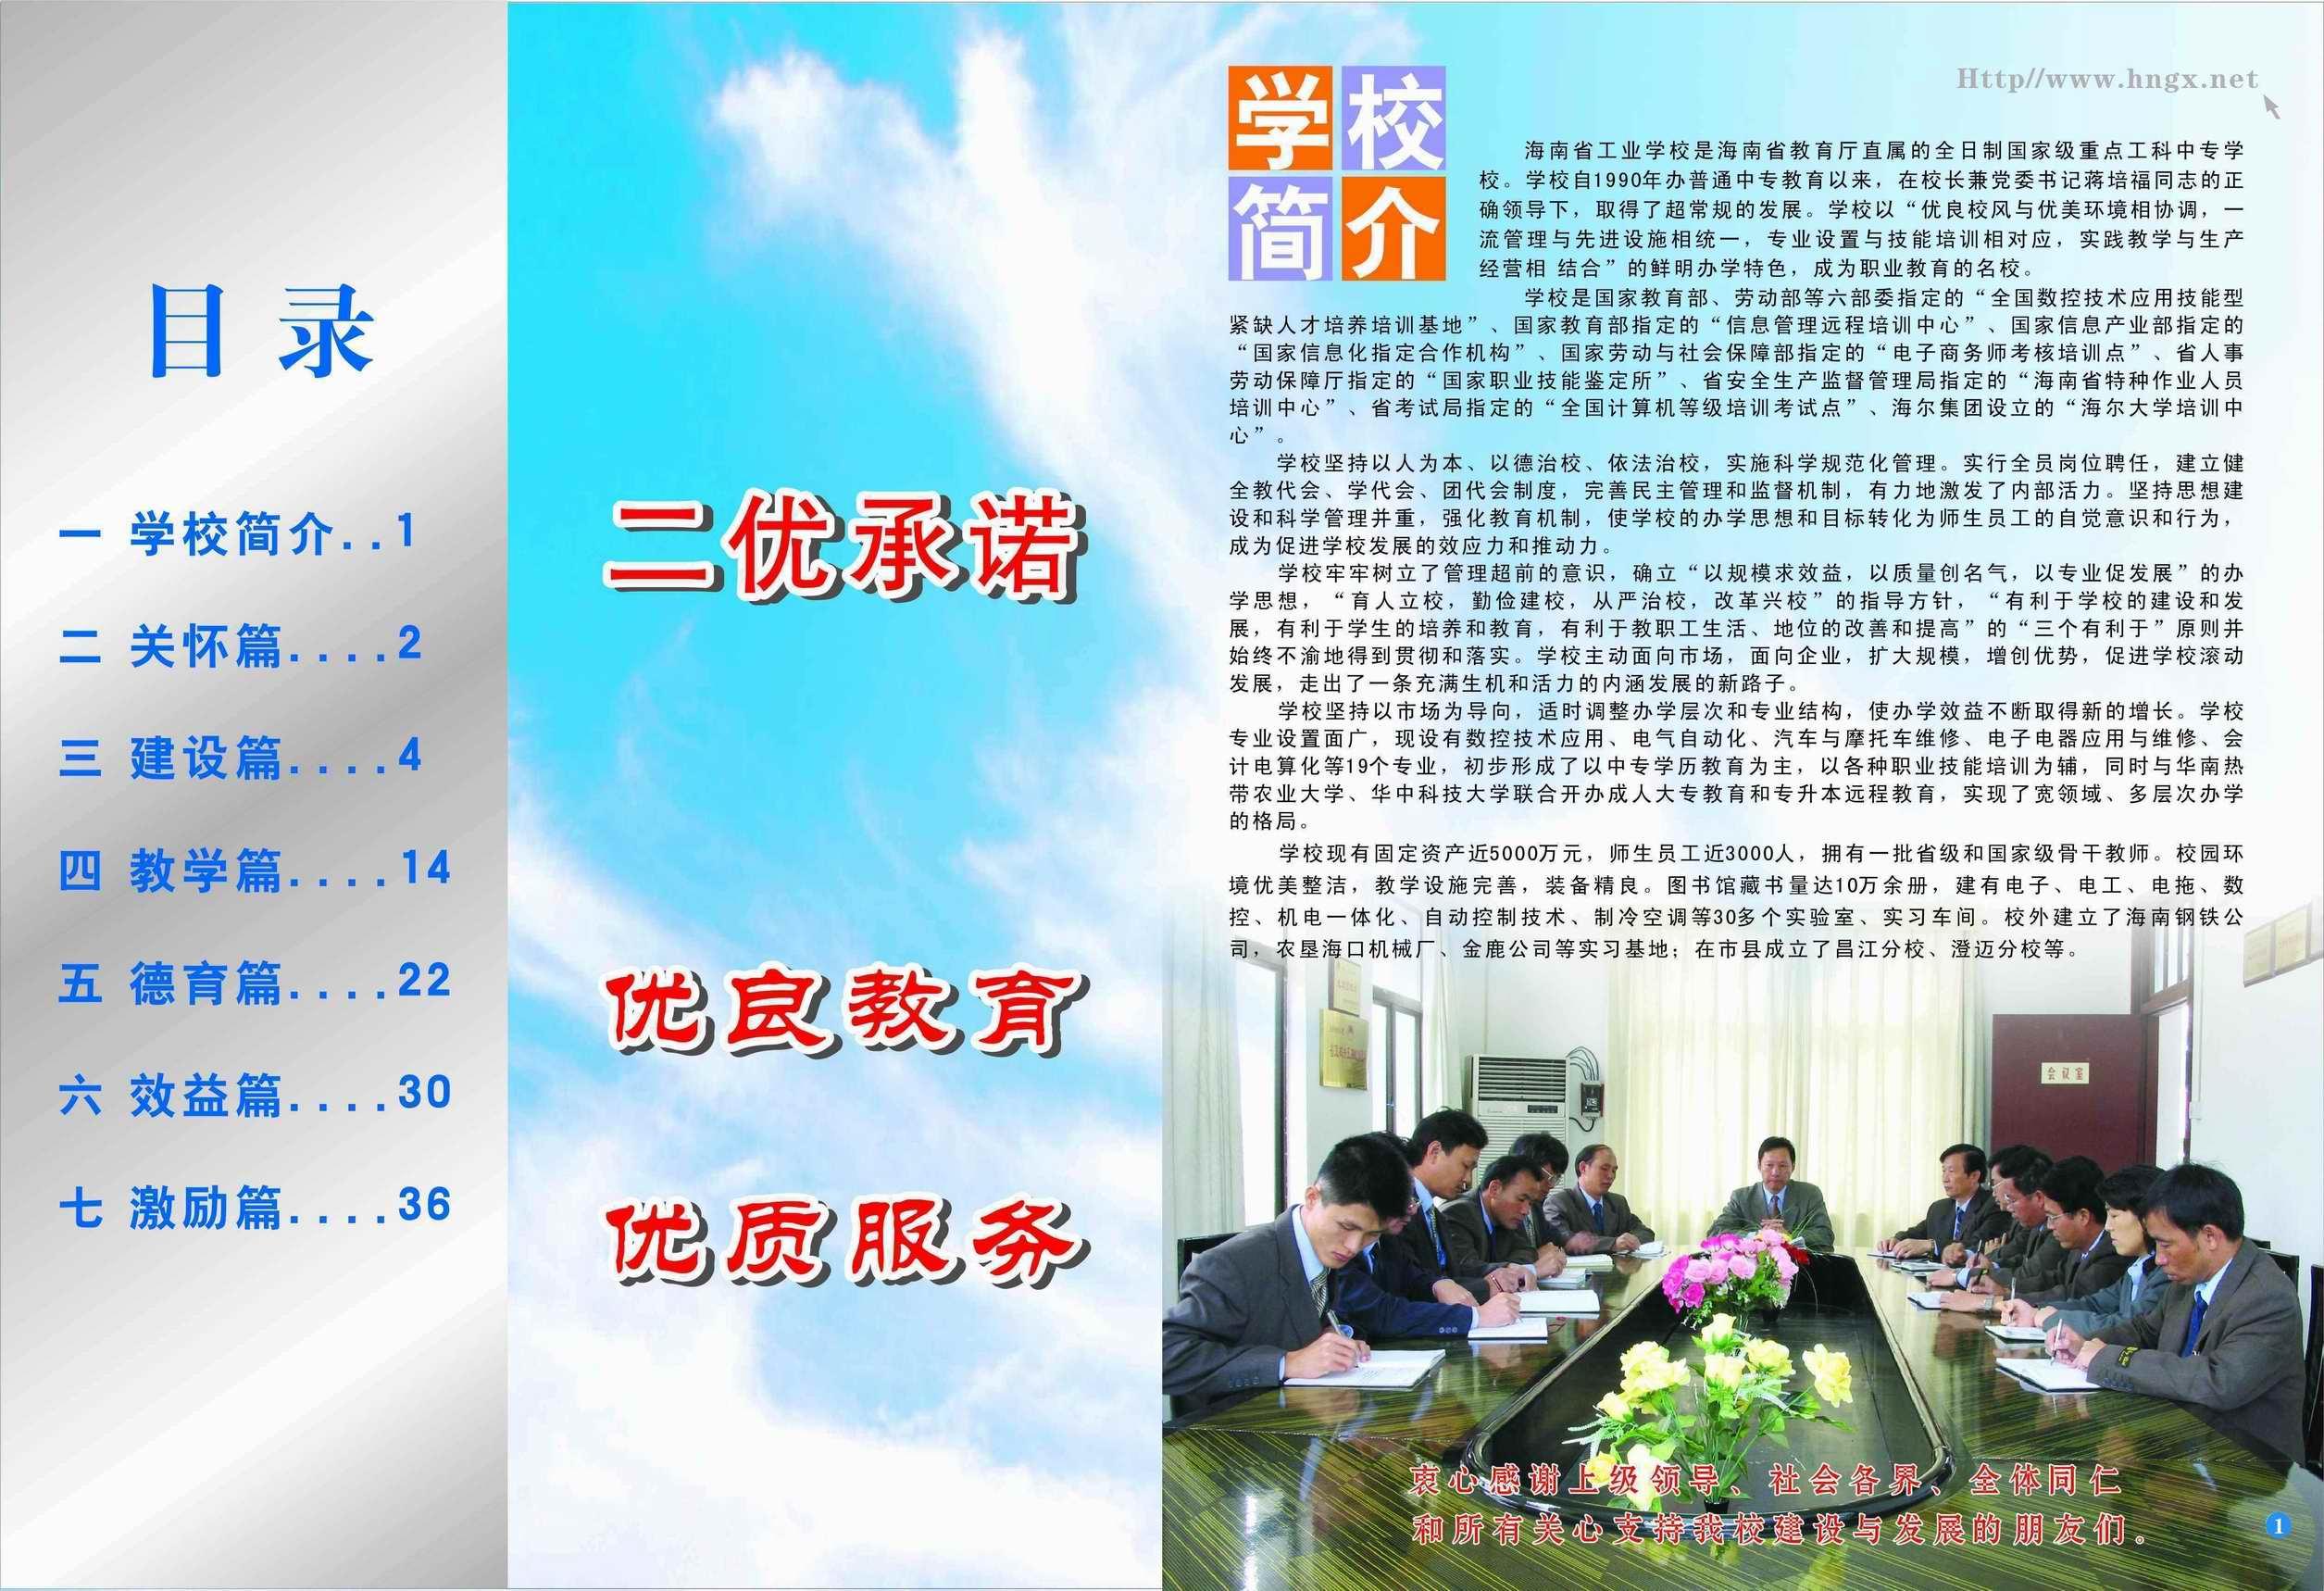 海南省卫生学校宿舍图